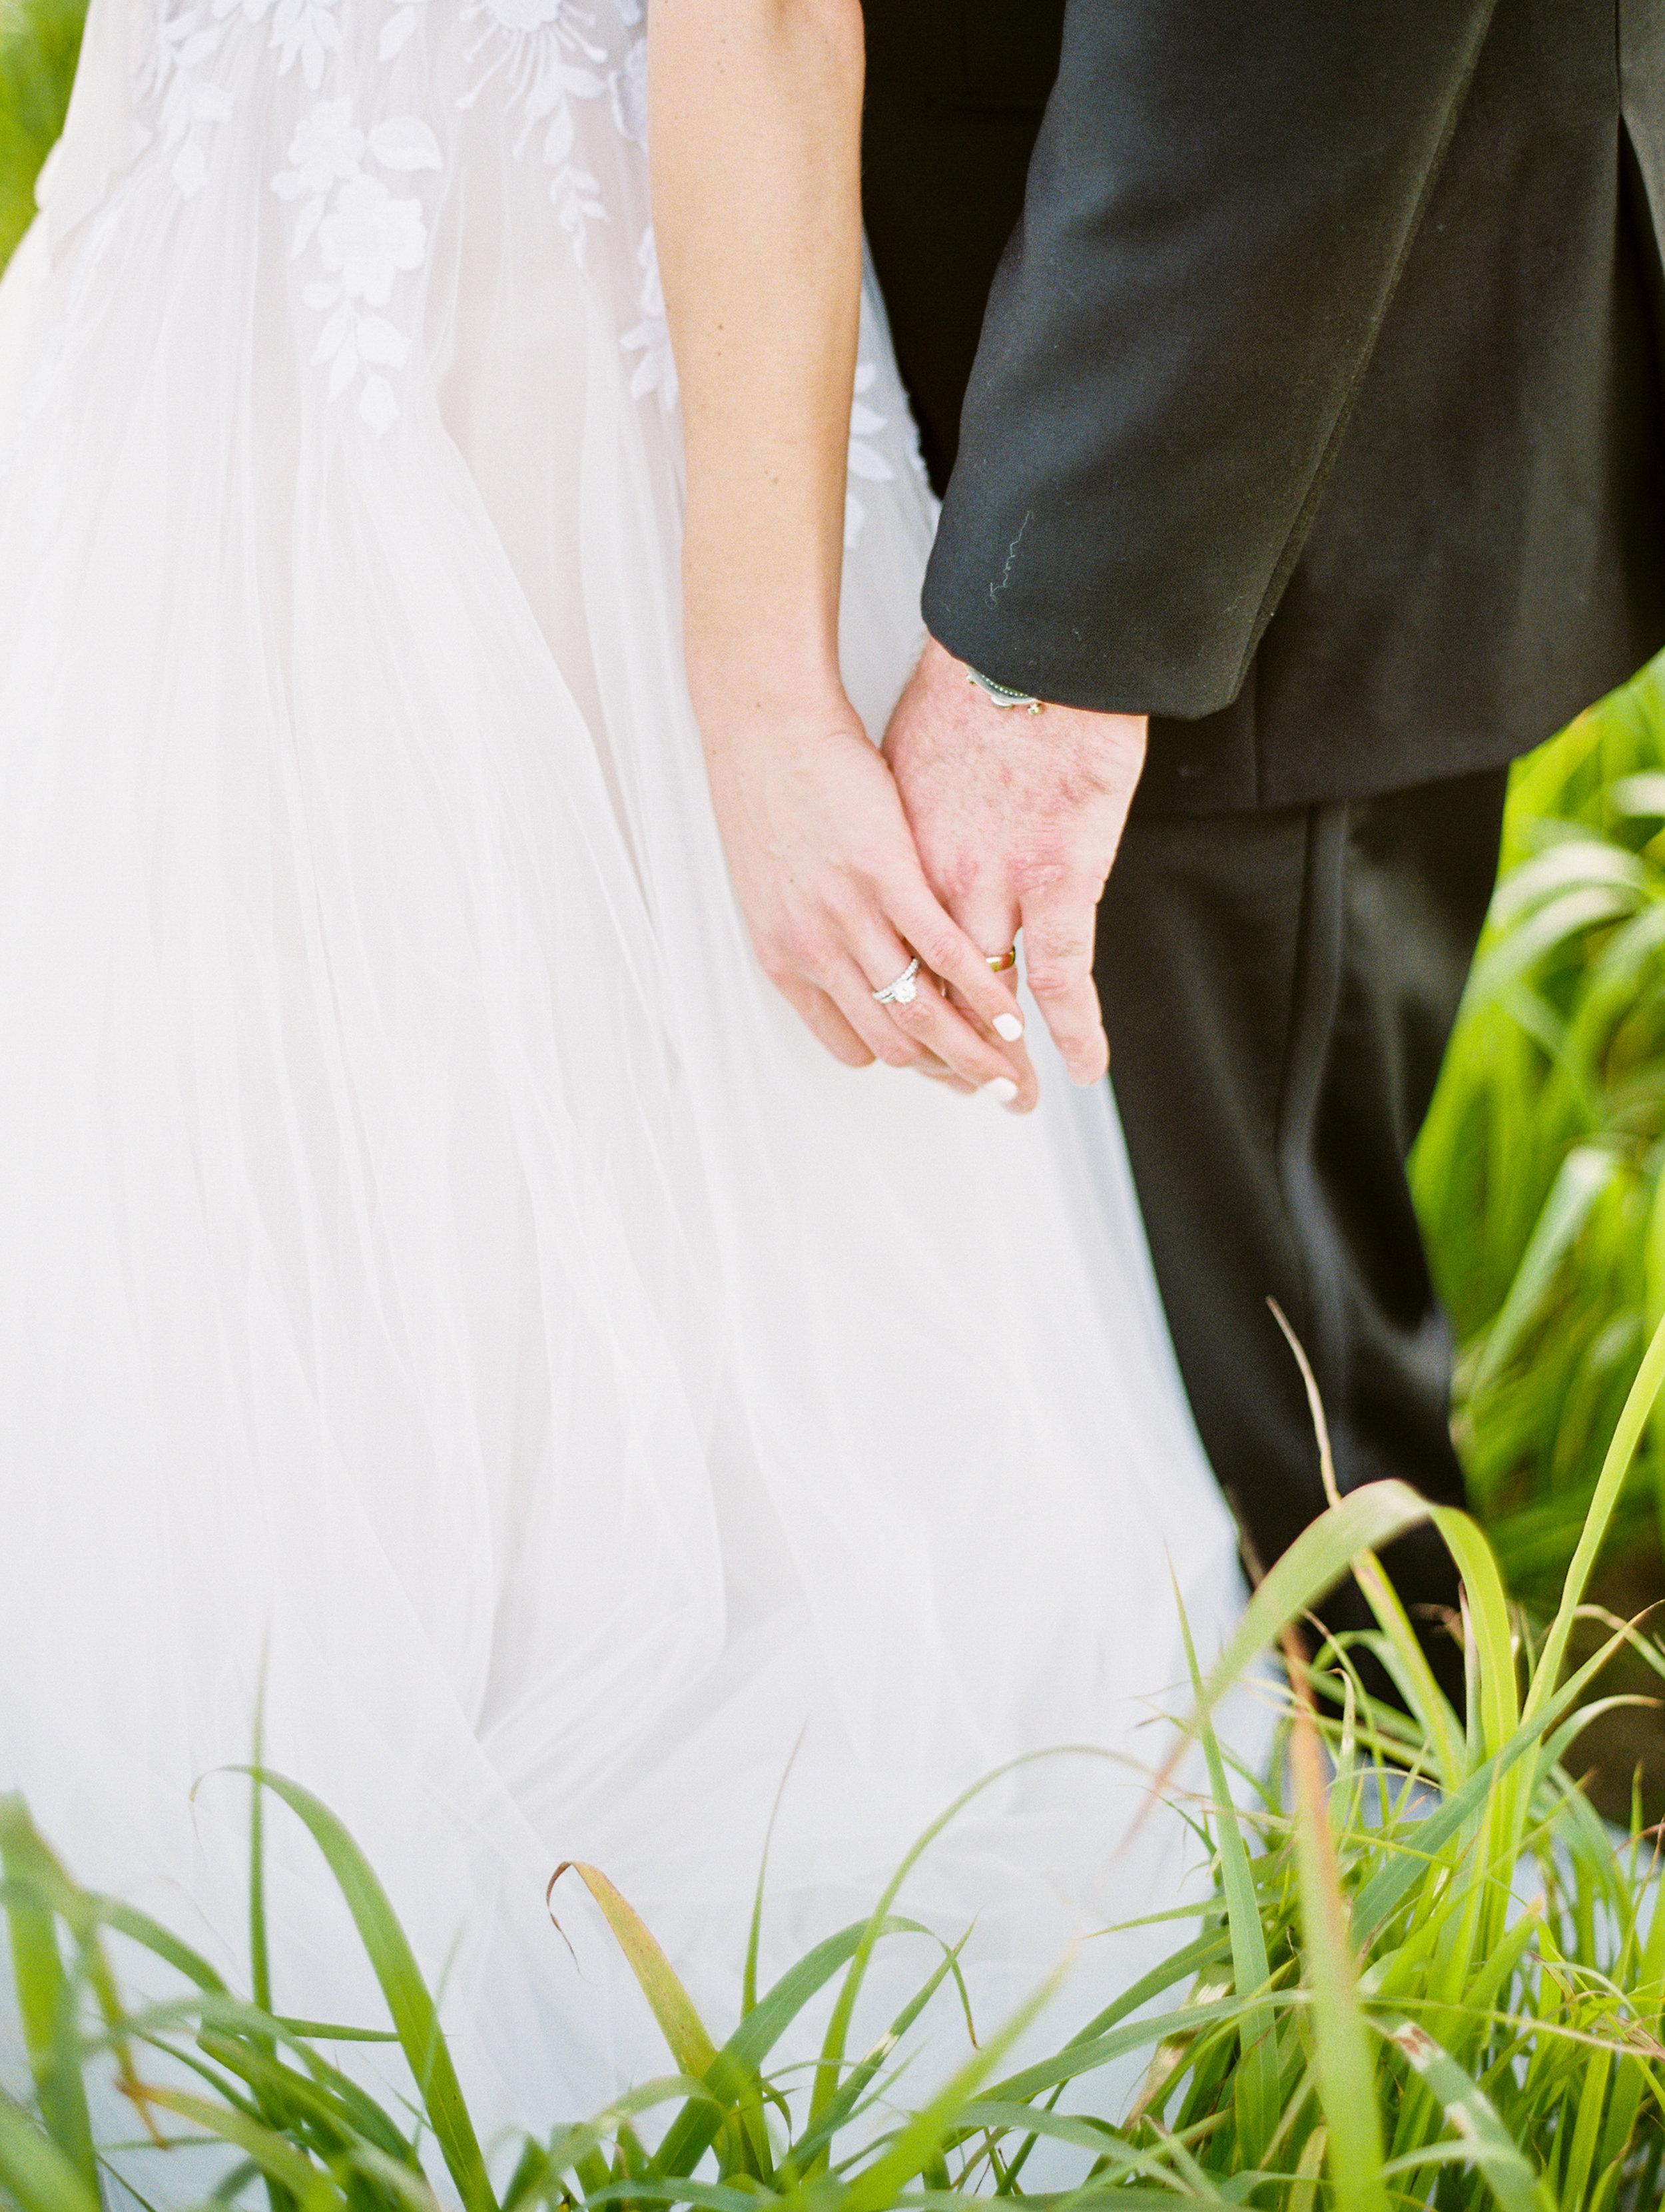 Steinlage+Wedding+Reception+Bride+Groom-54.jpg